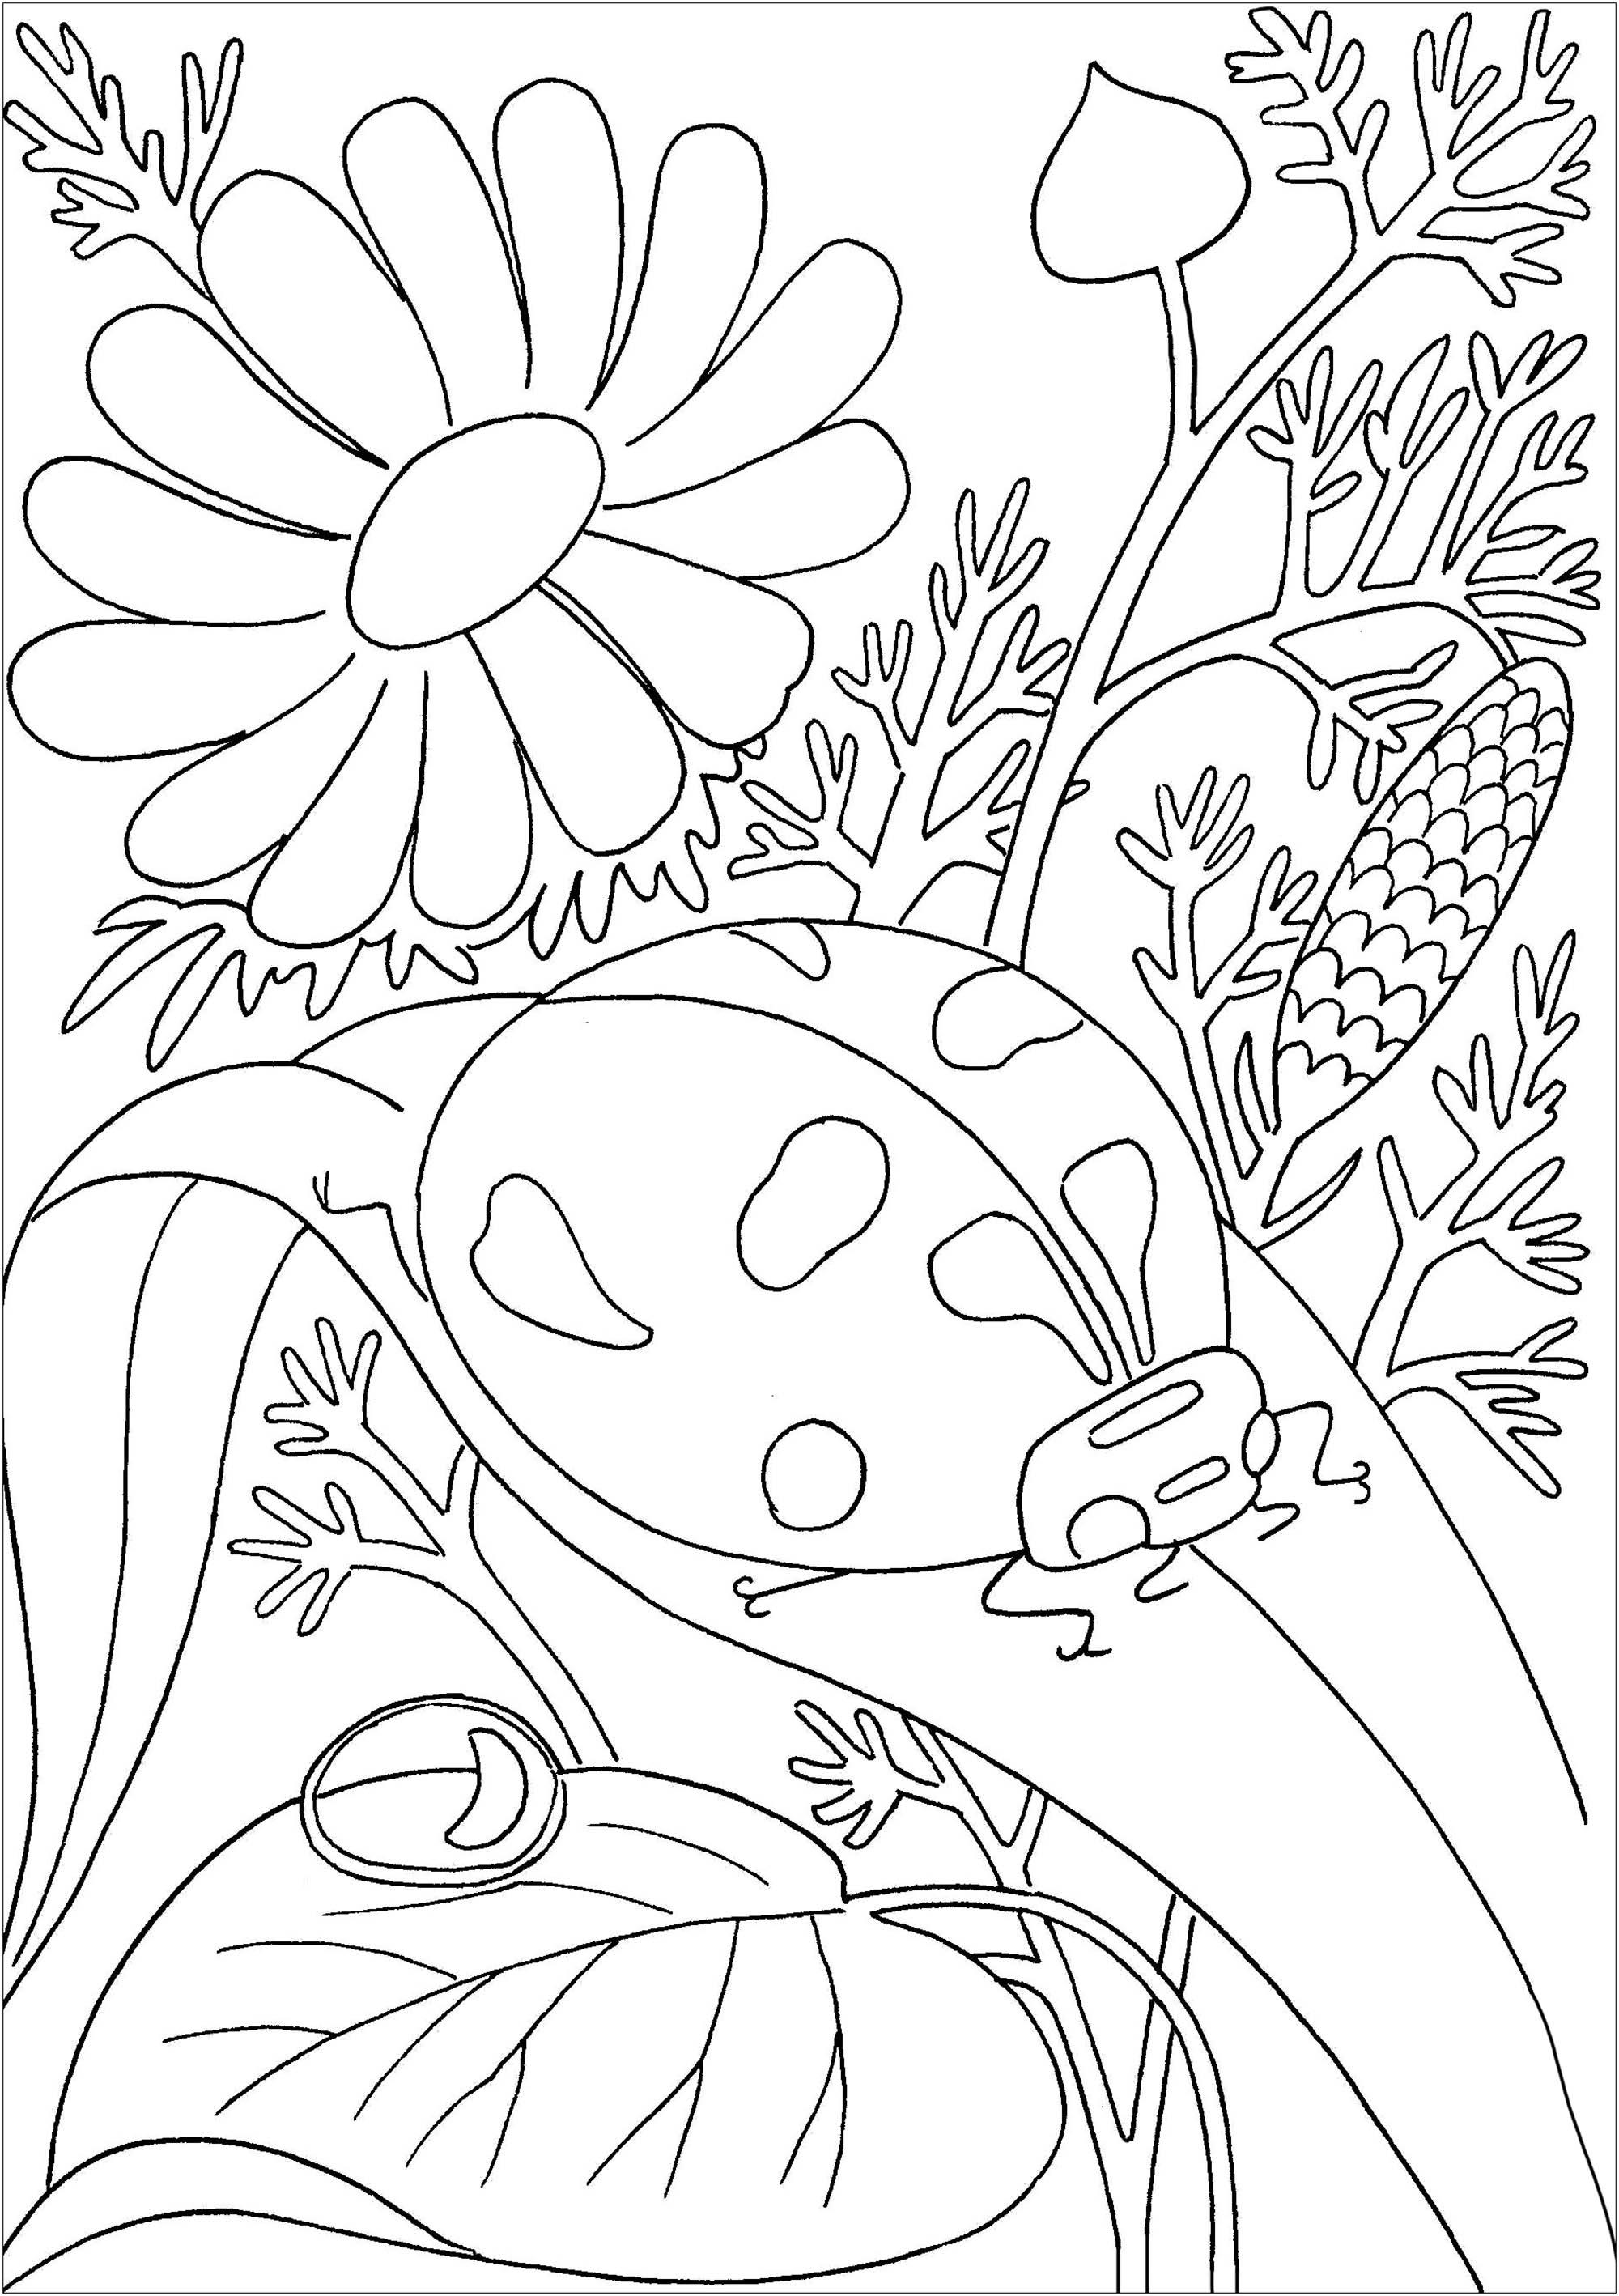 Disegni da Colorare per Adulti : Farfalle e insetti - 2